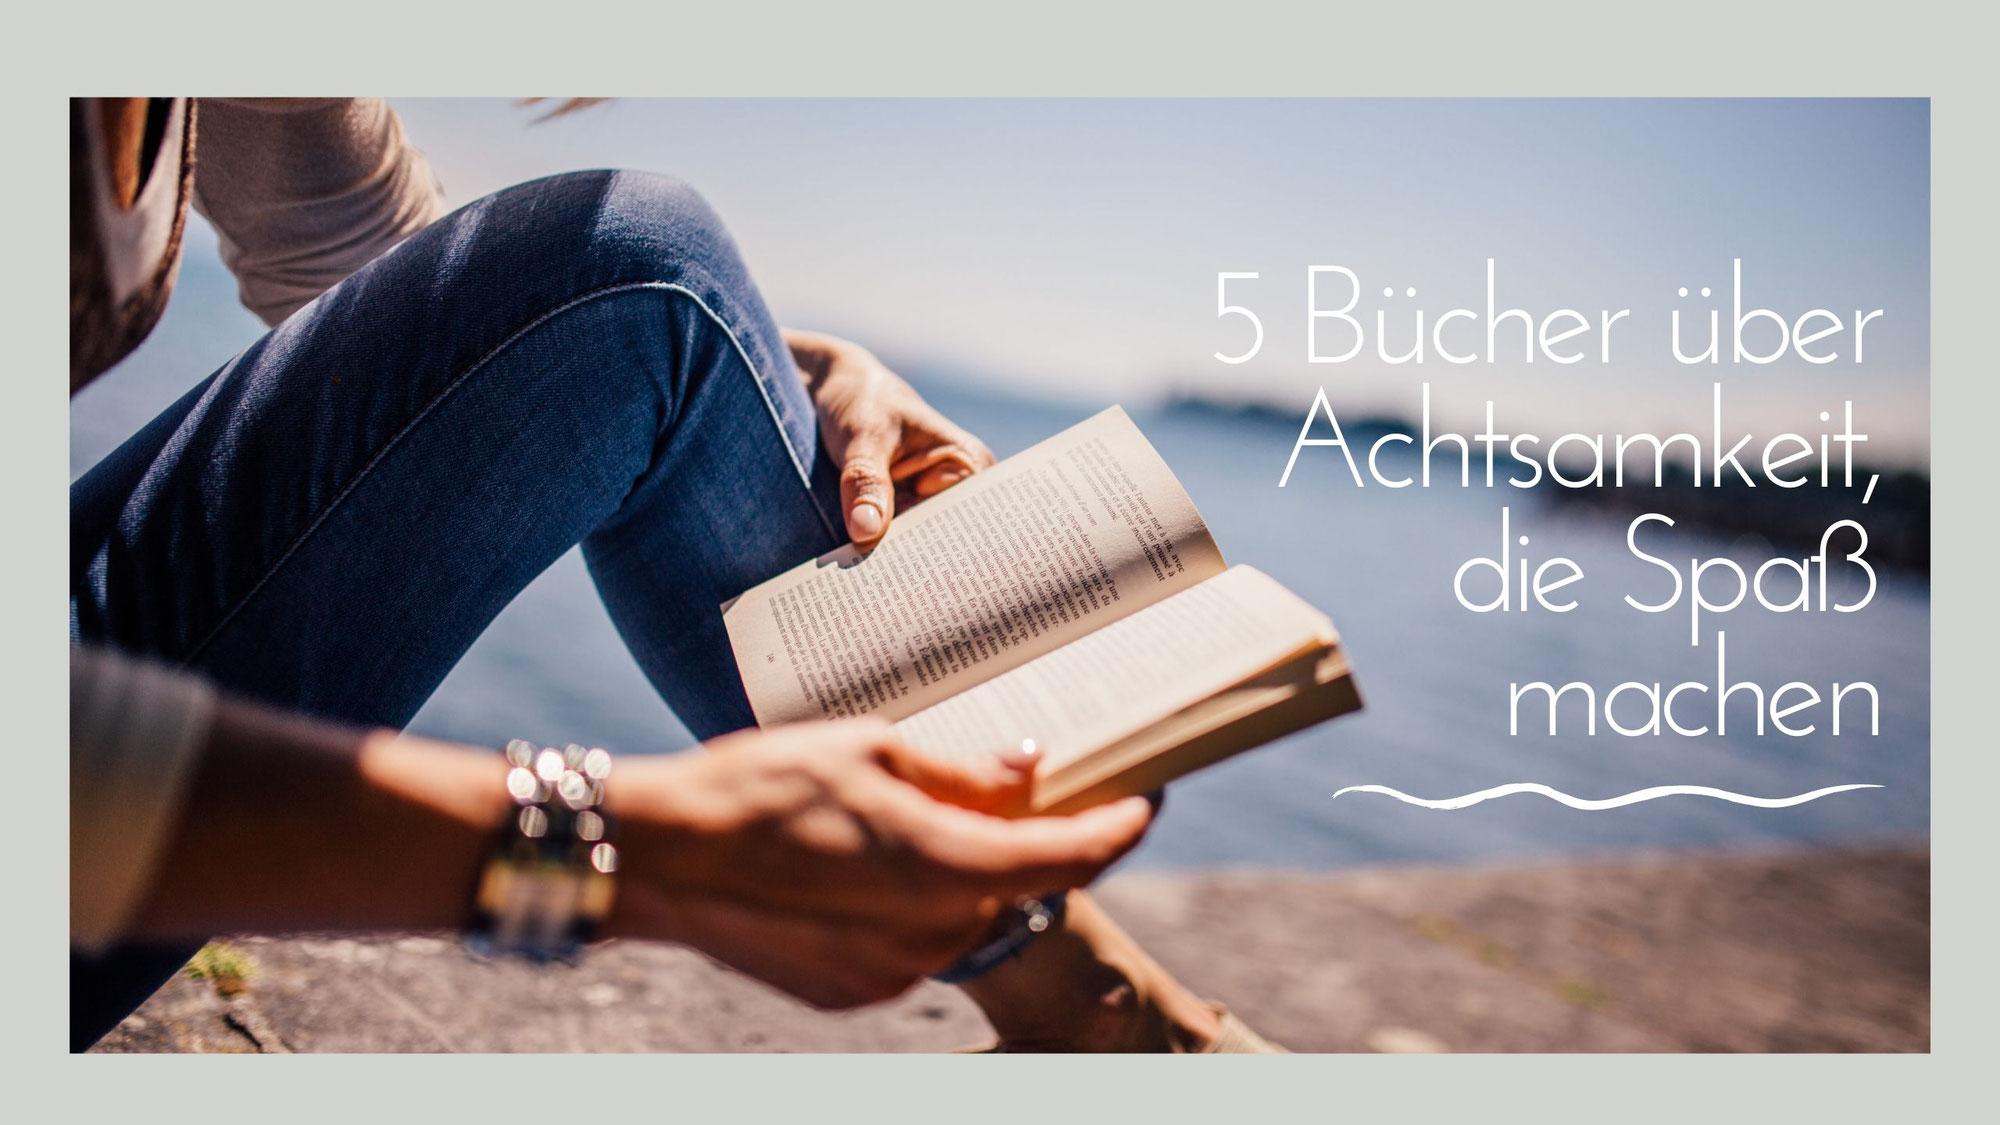 5 Bücher über Achtsamkeit, die Spaß machen!